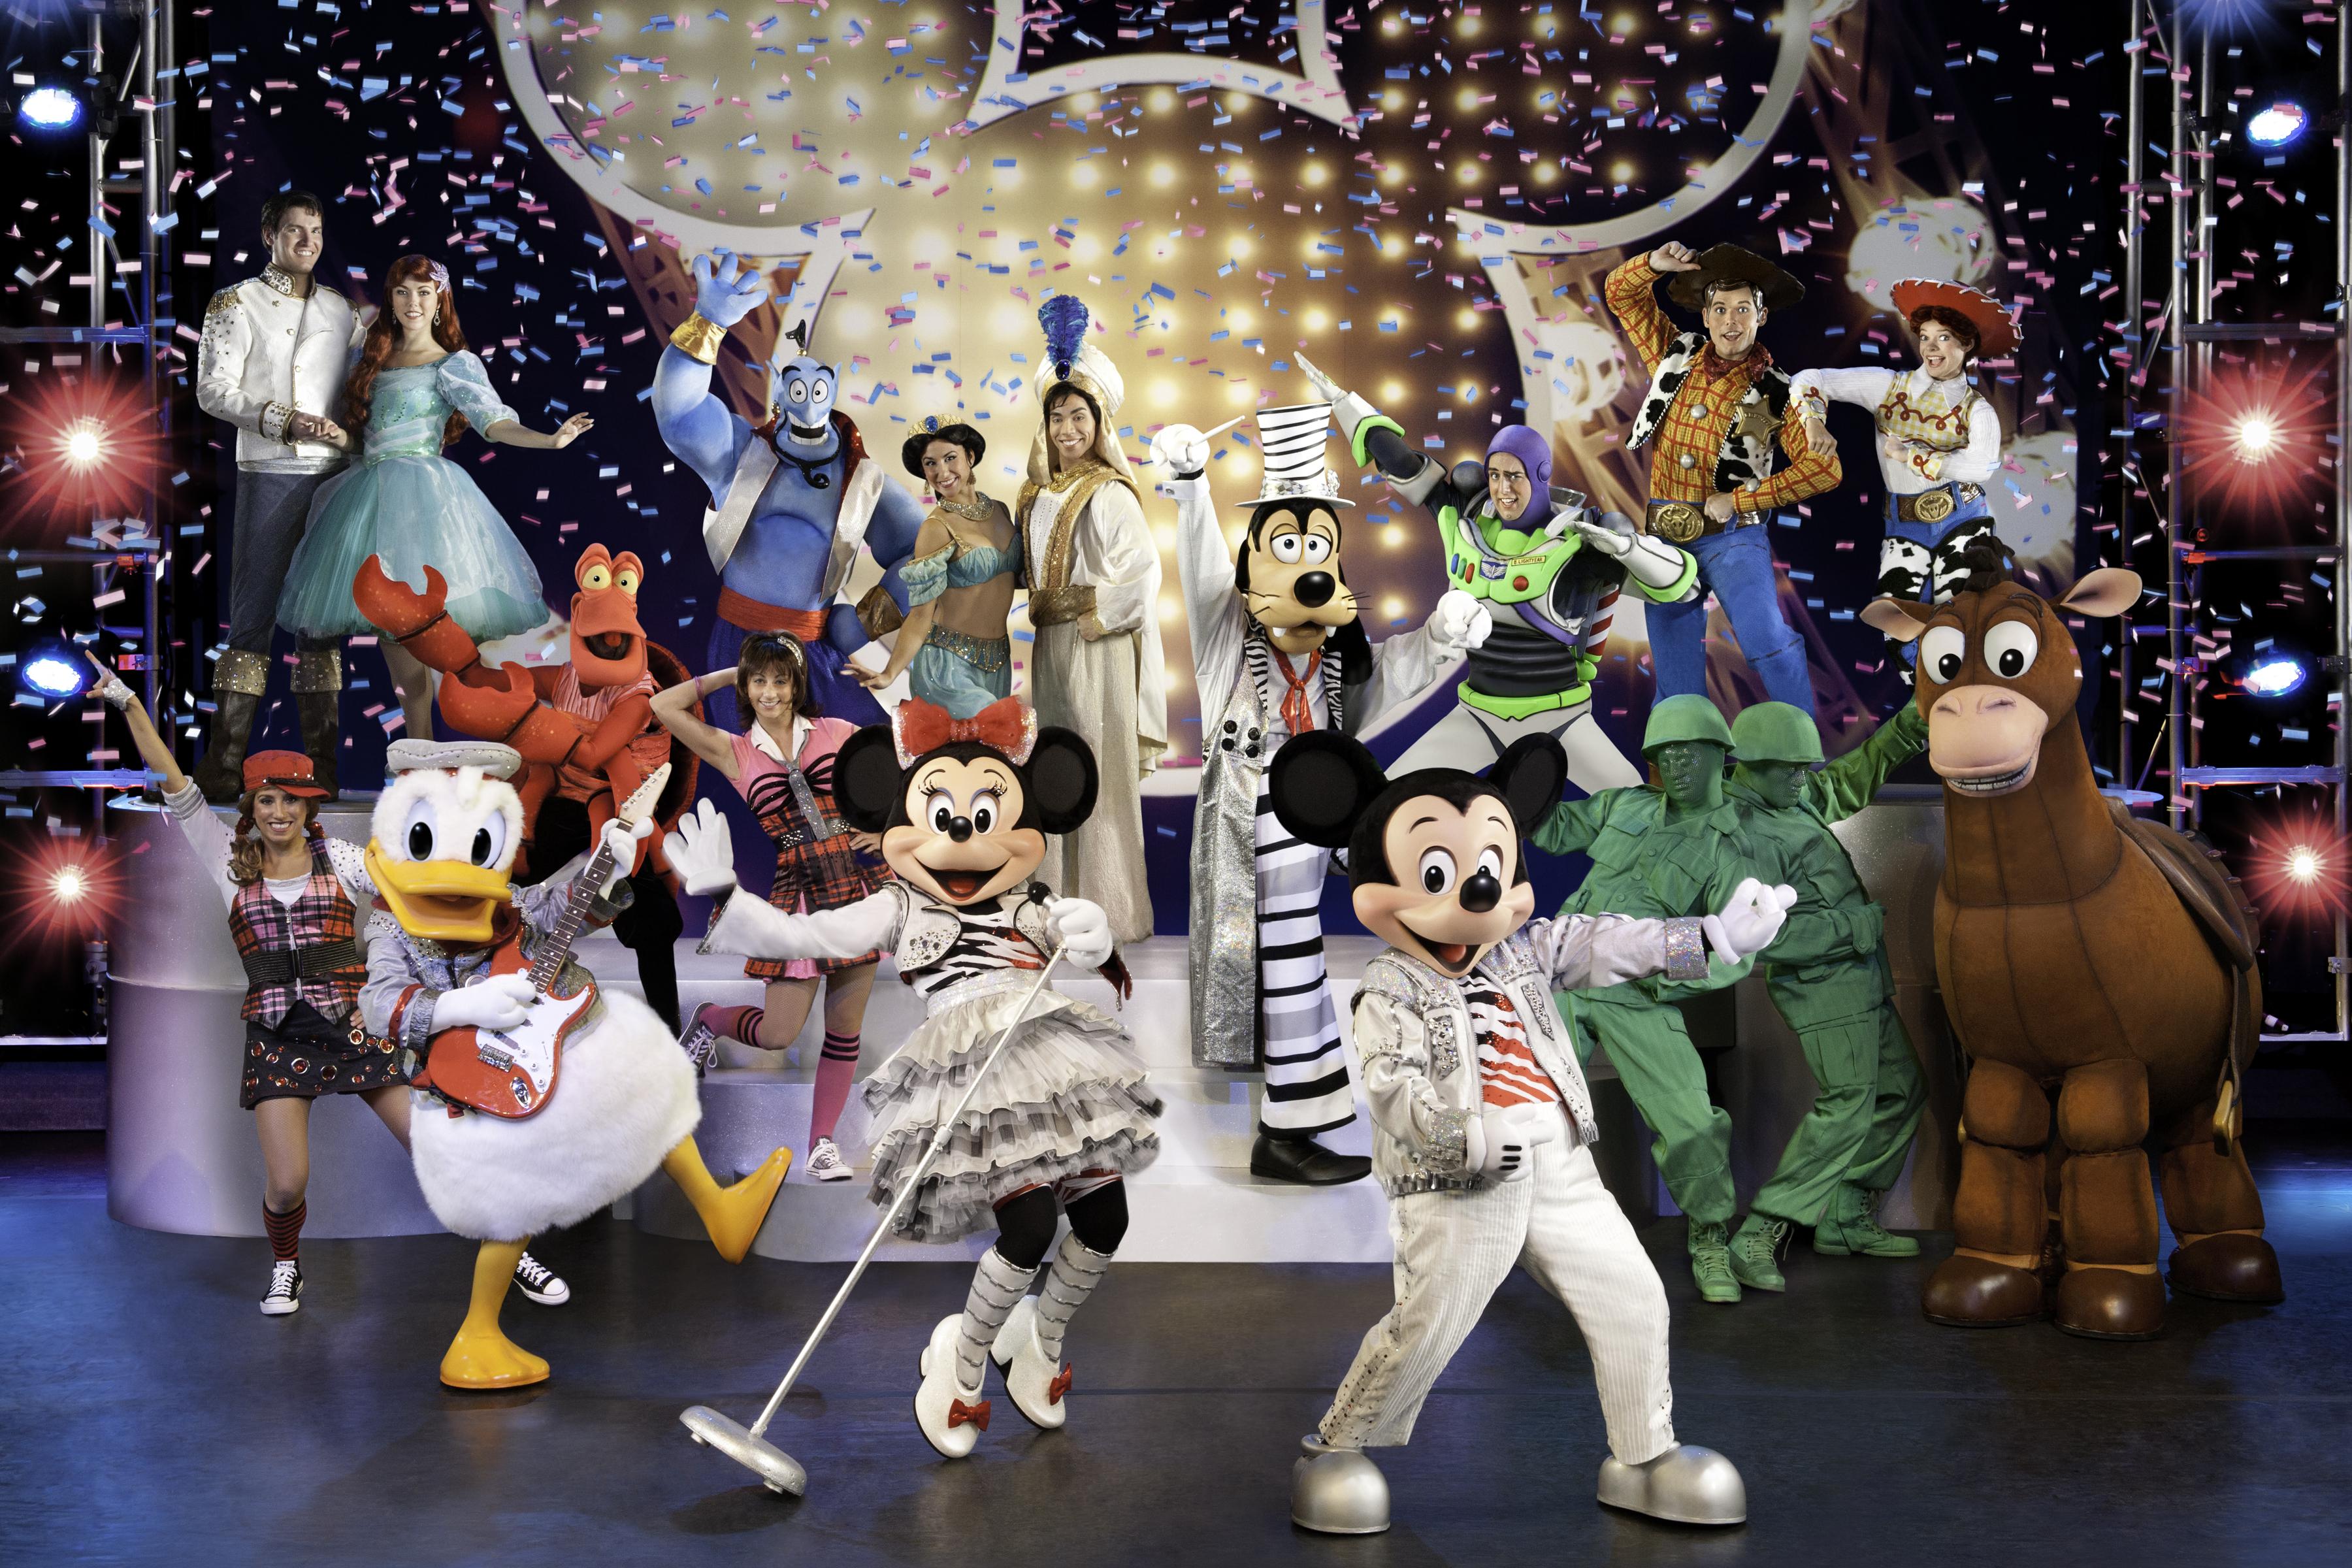 Mickeys Music Festival